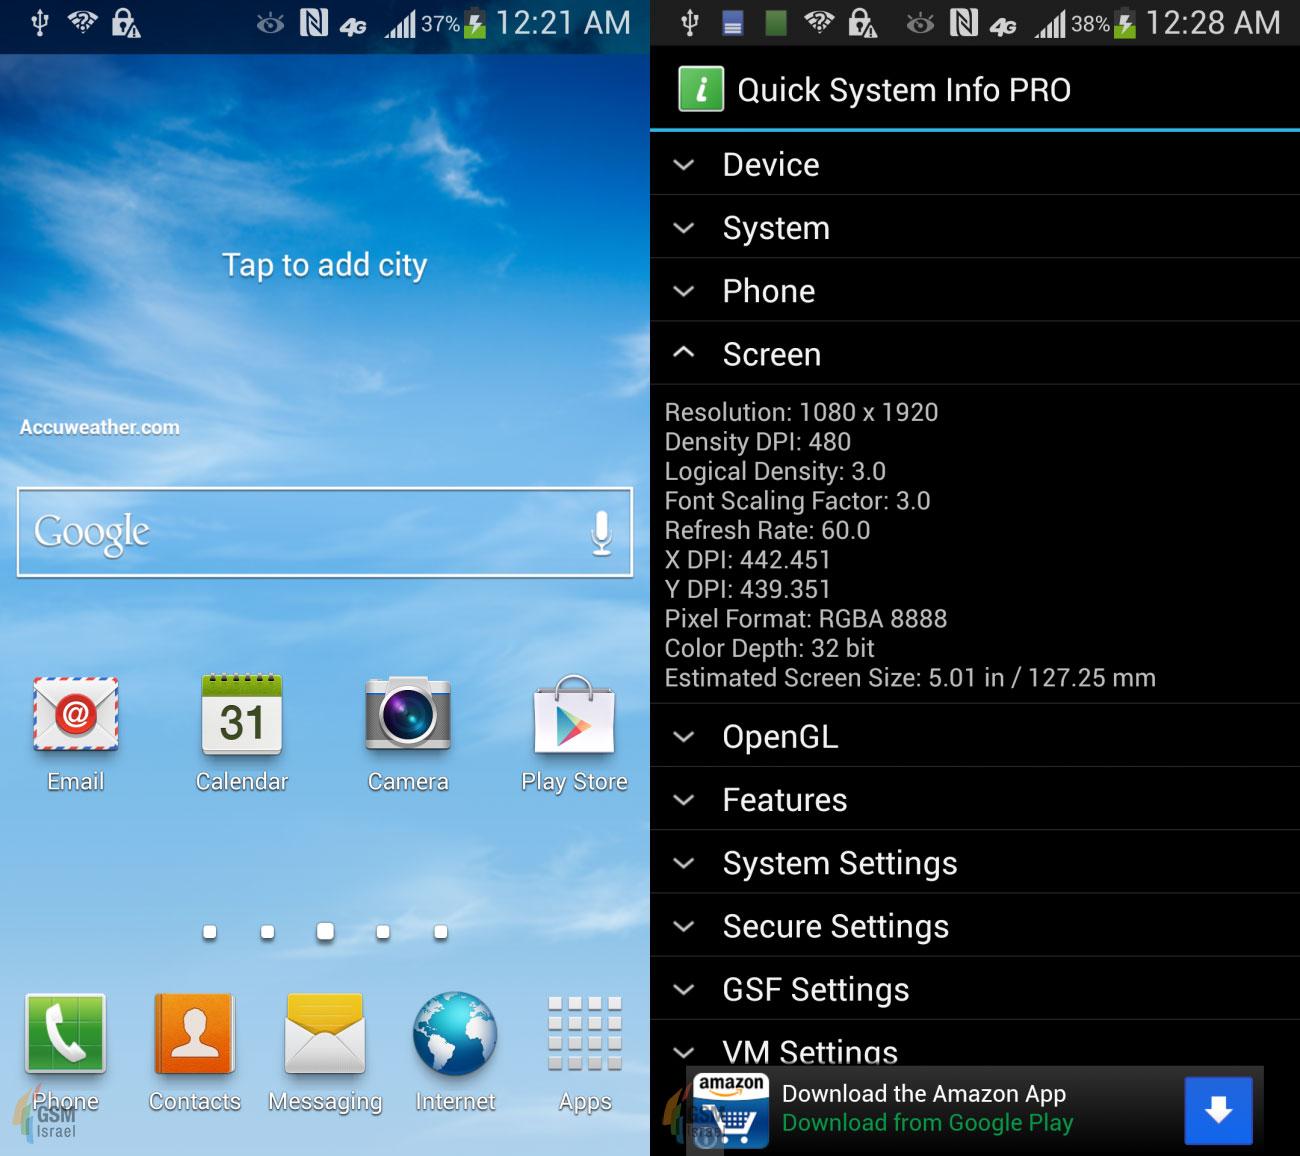 Capturi de ecran de pe Samsung Galaxy S IV confirmă scrollingul prin privire, pauză prin privire